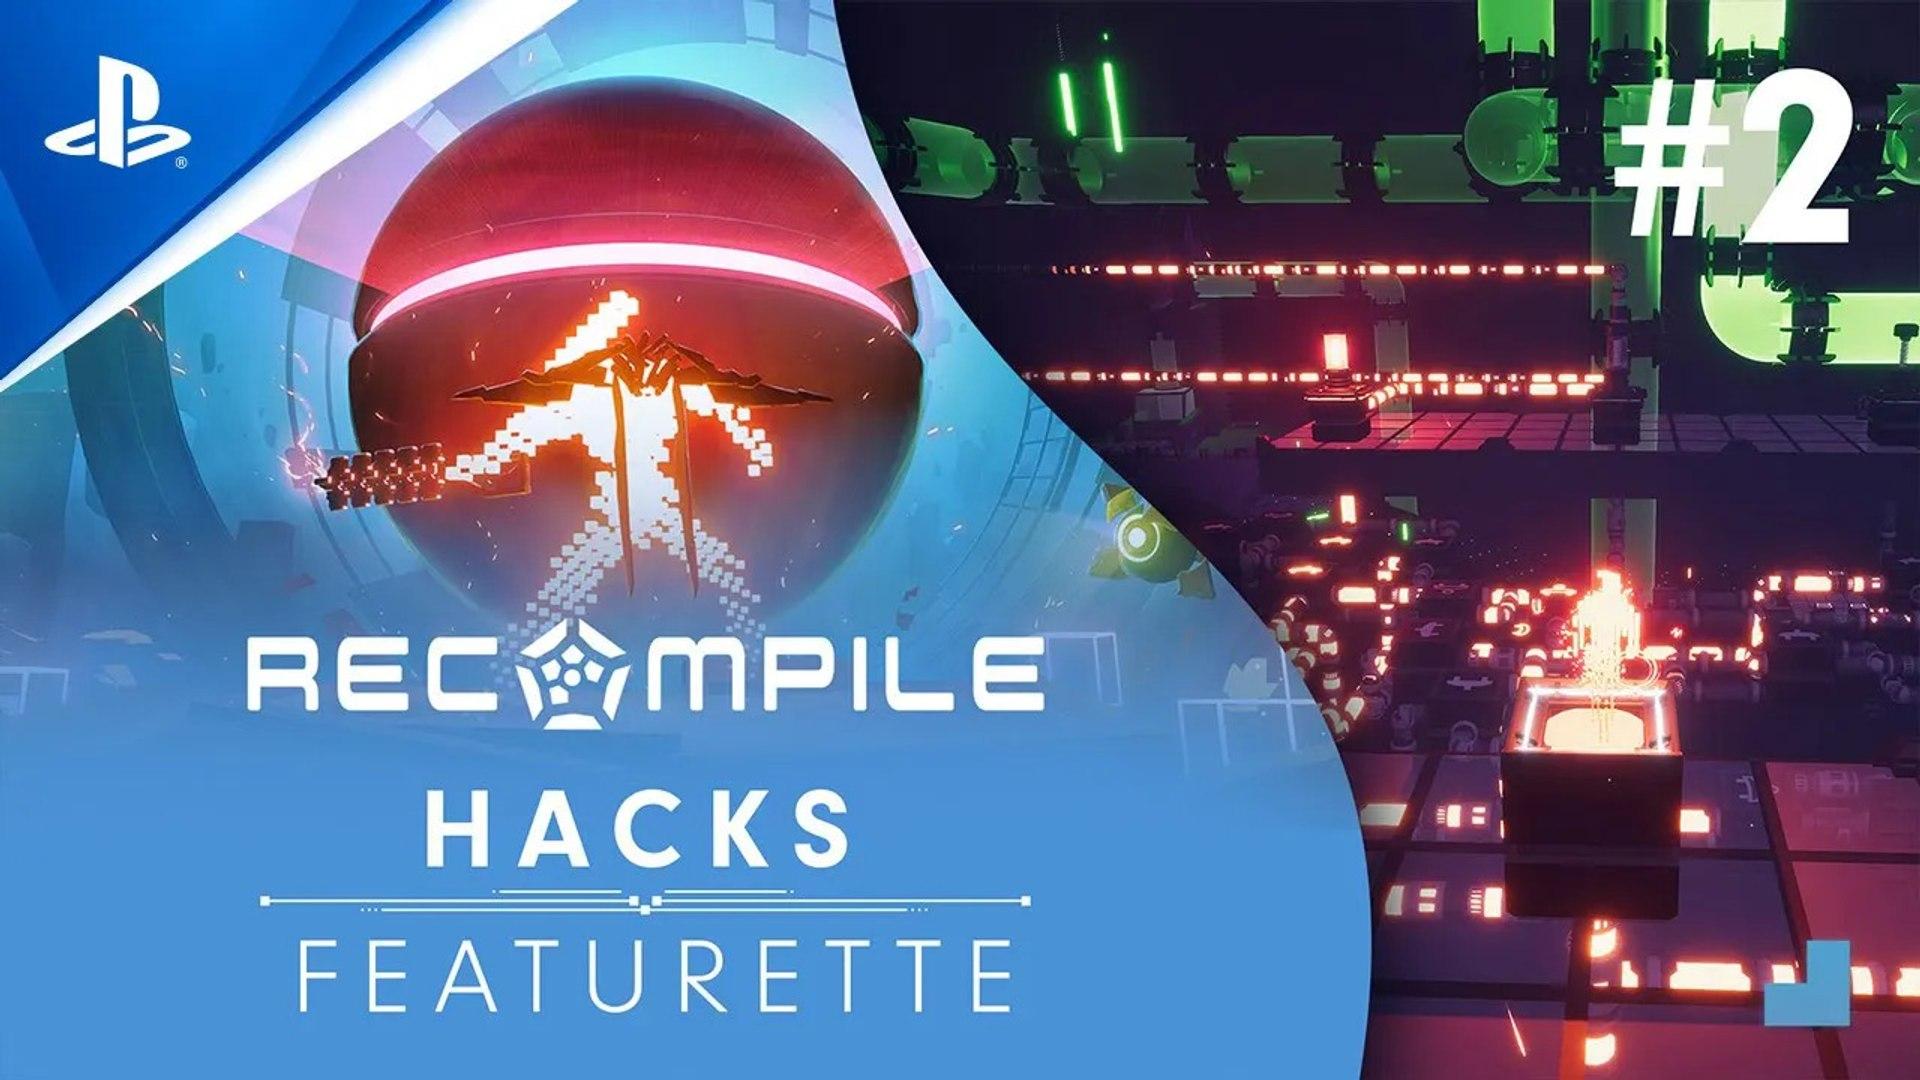 Recompile - Hacks Featurette | PS5